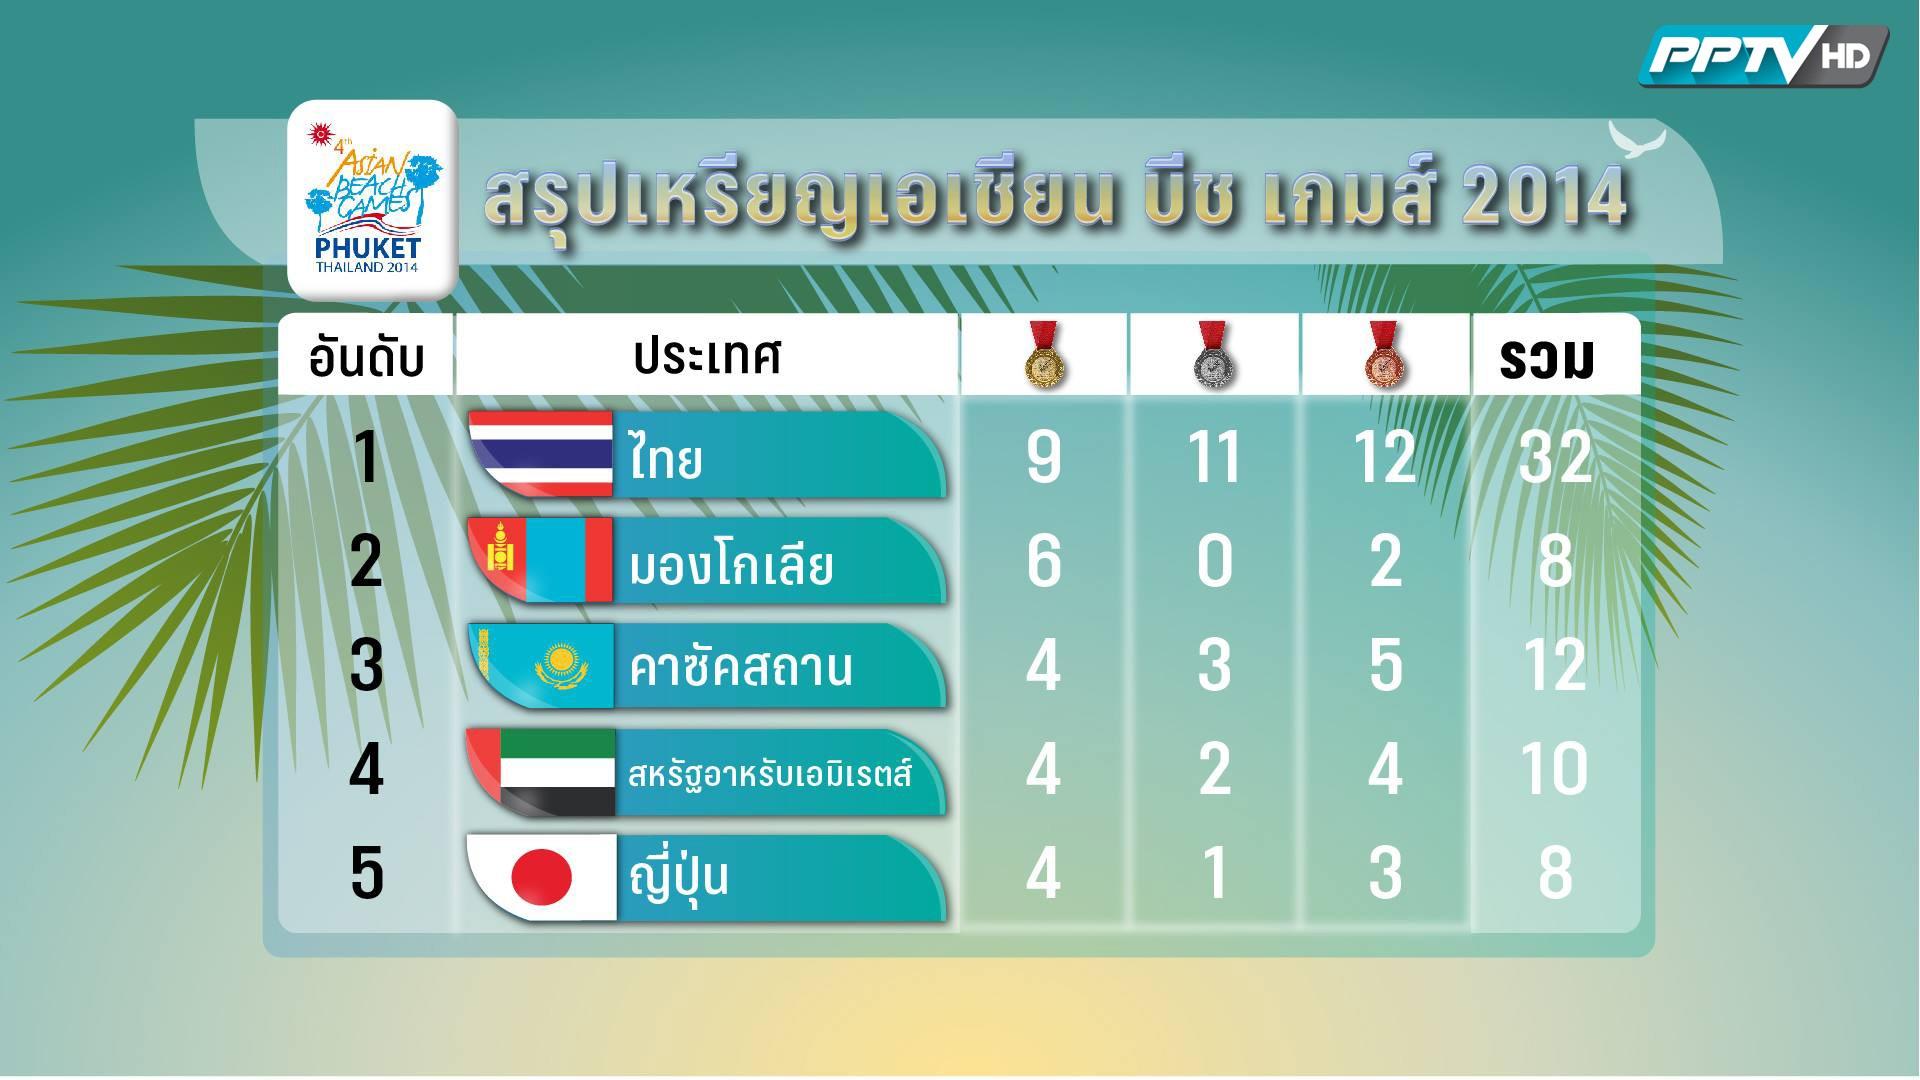 """ทัพนักกีฬาไทย คว้าเพิ่ม 4 เหรียญทองในการแข่งขัน """"เอเชี่ยน บีช เกมส์"""""""